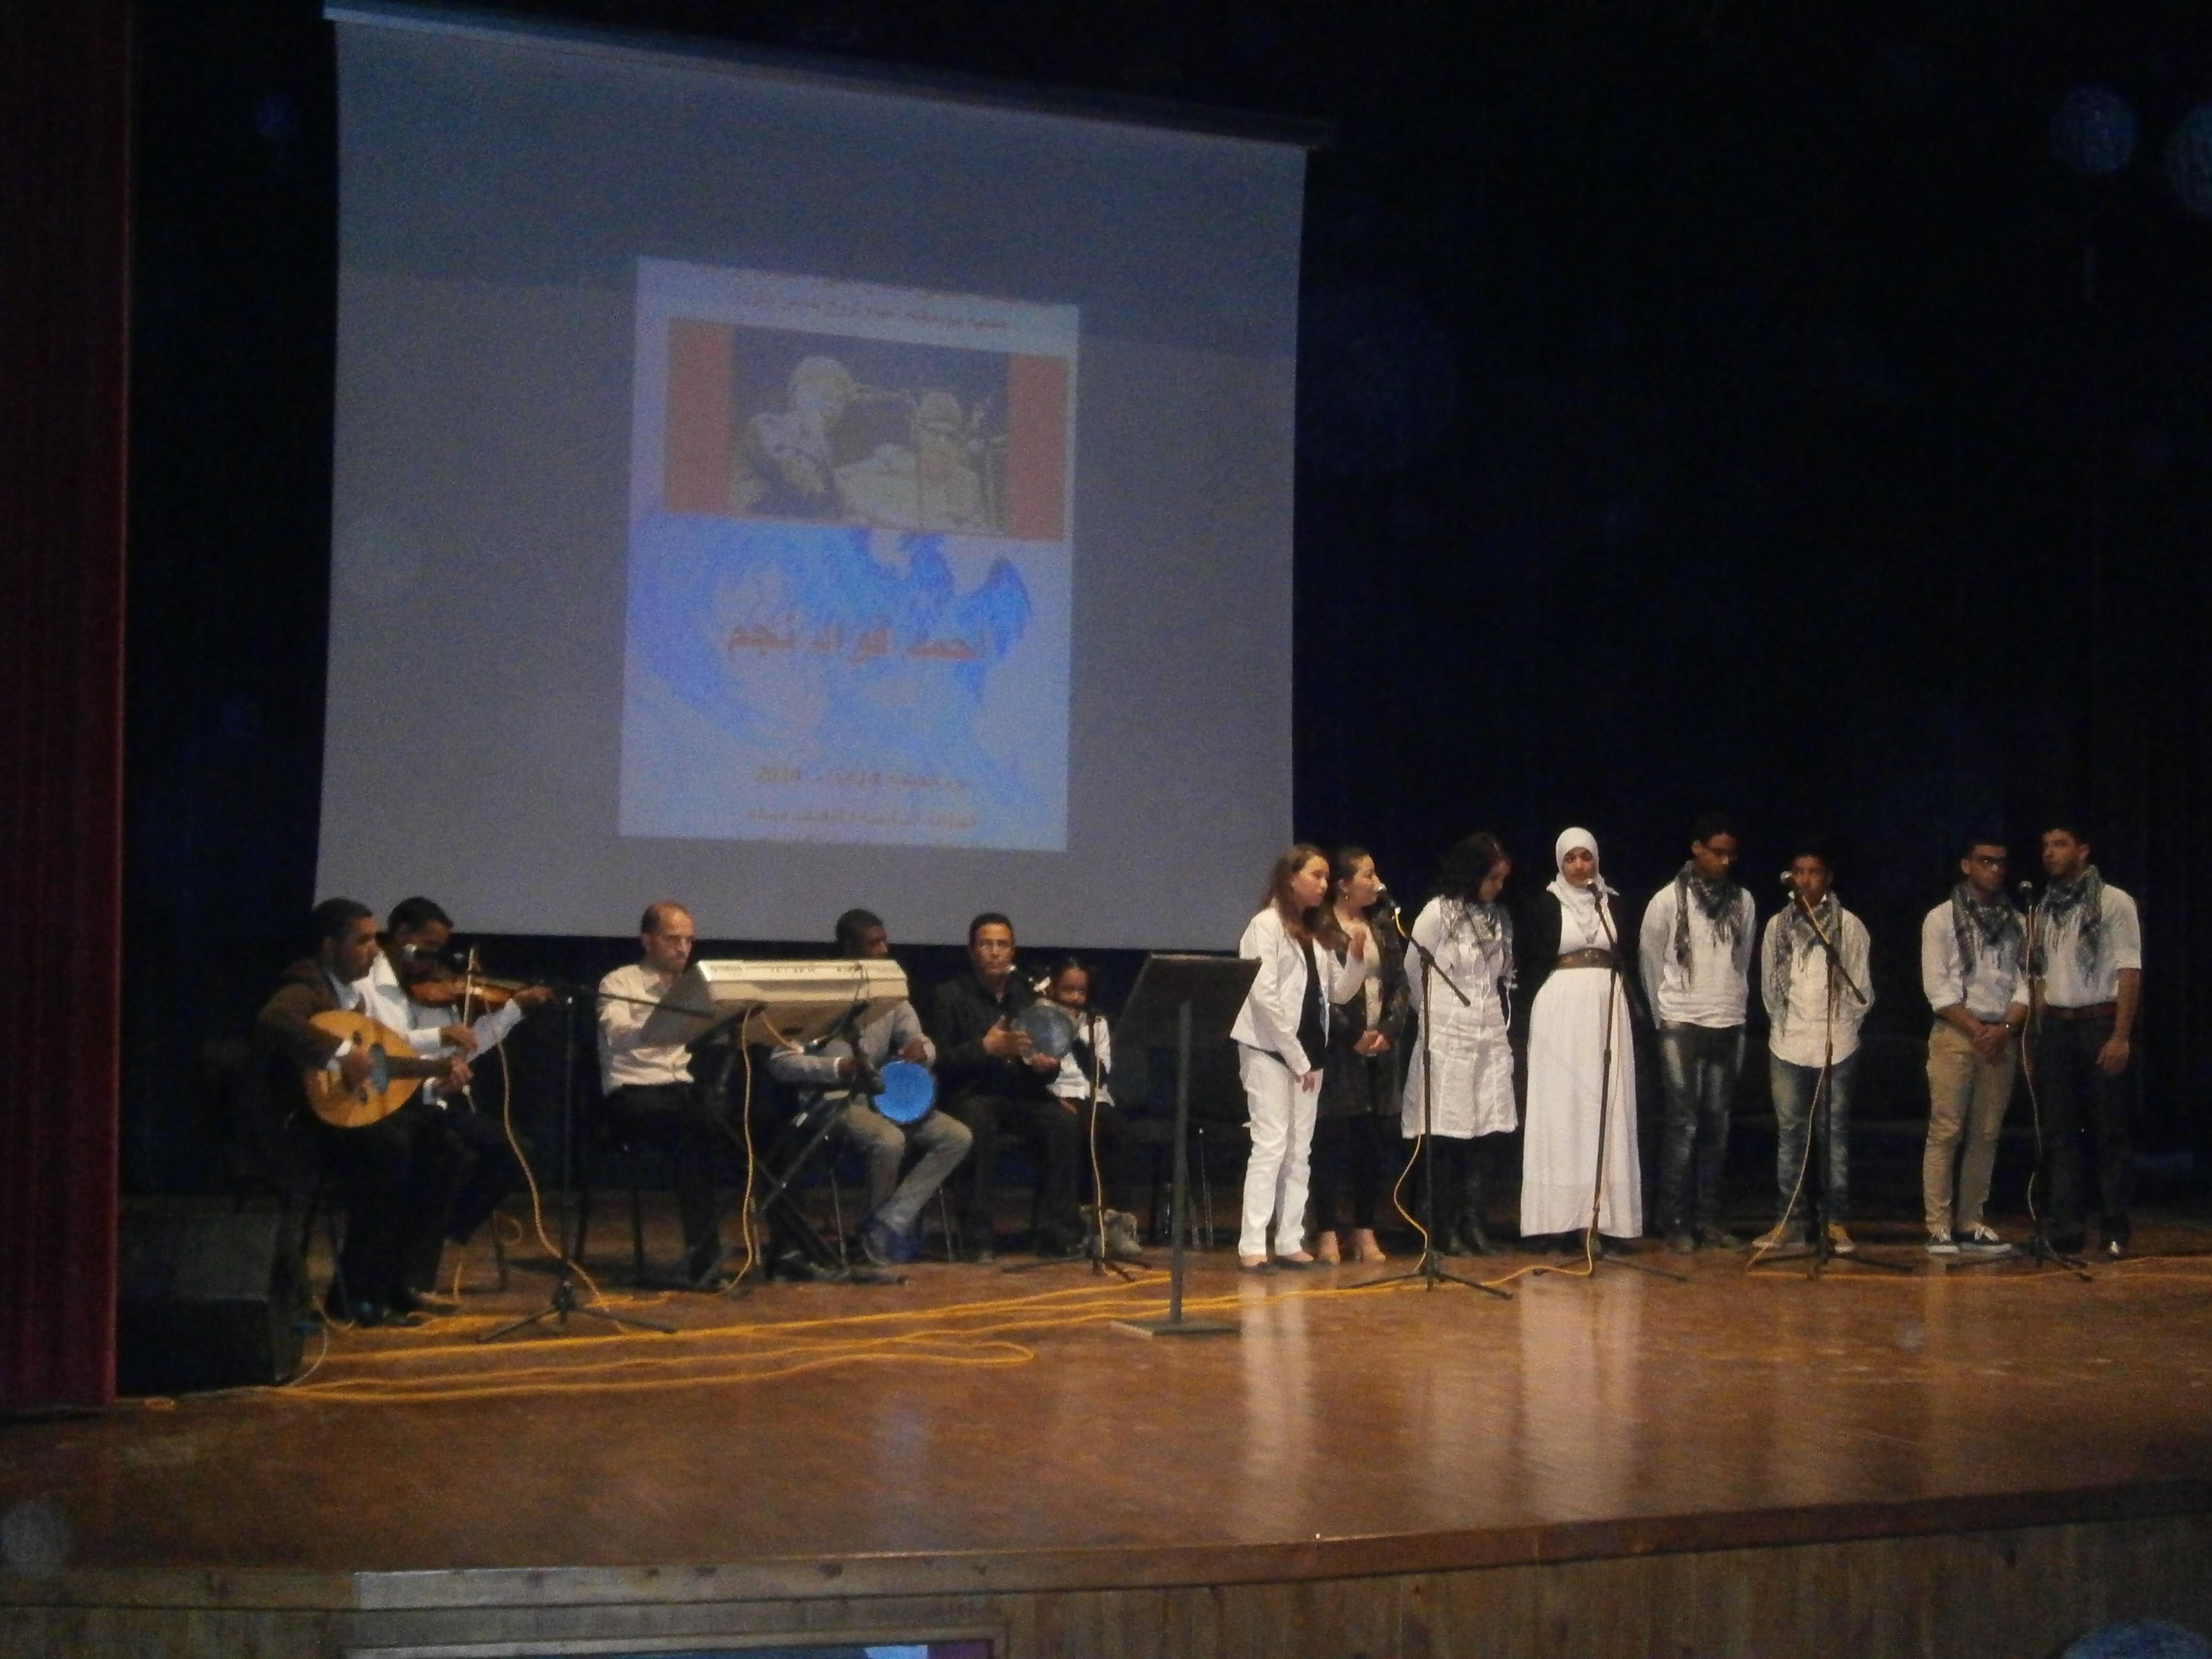 امسية موسيقية لجمعية الفينيق للابداع الفني و الثقافي